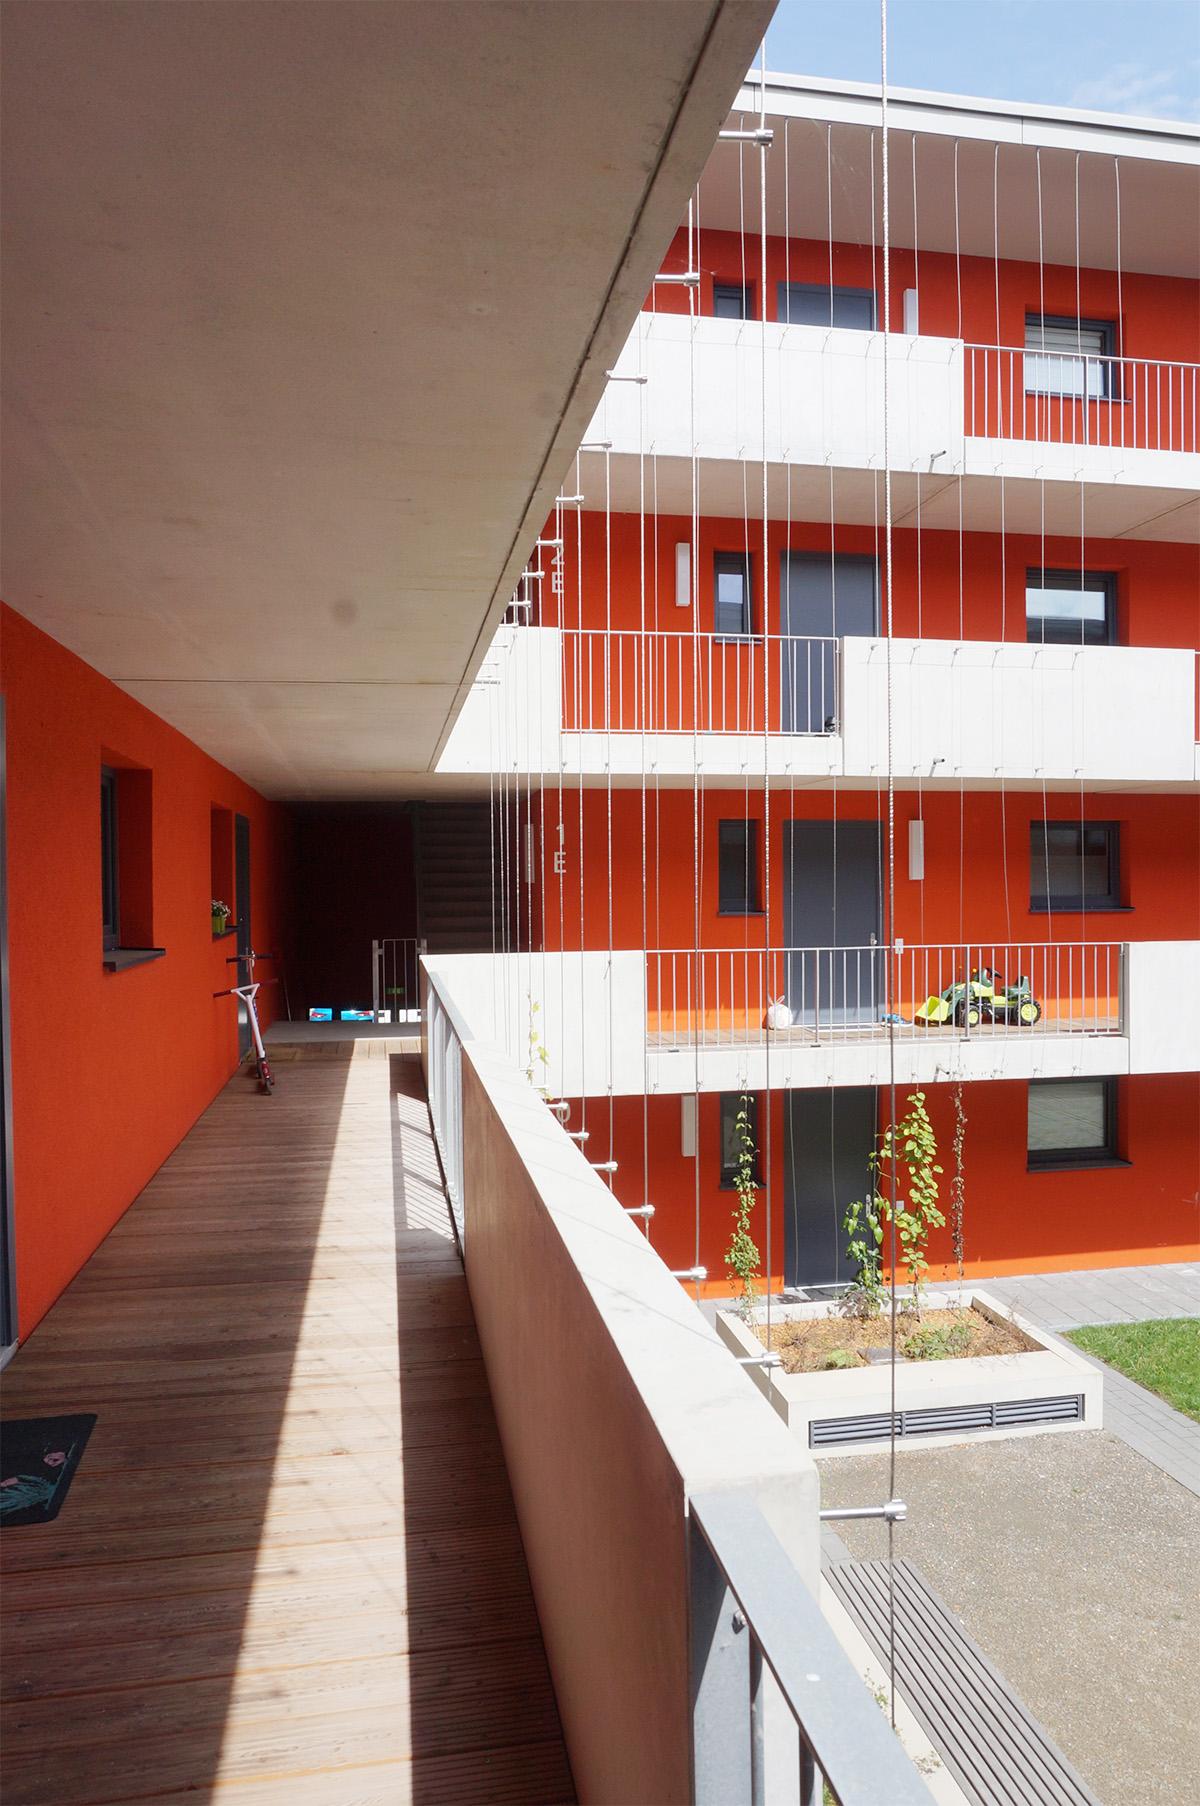 104 Innenhof